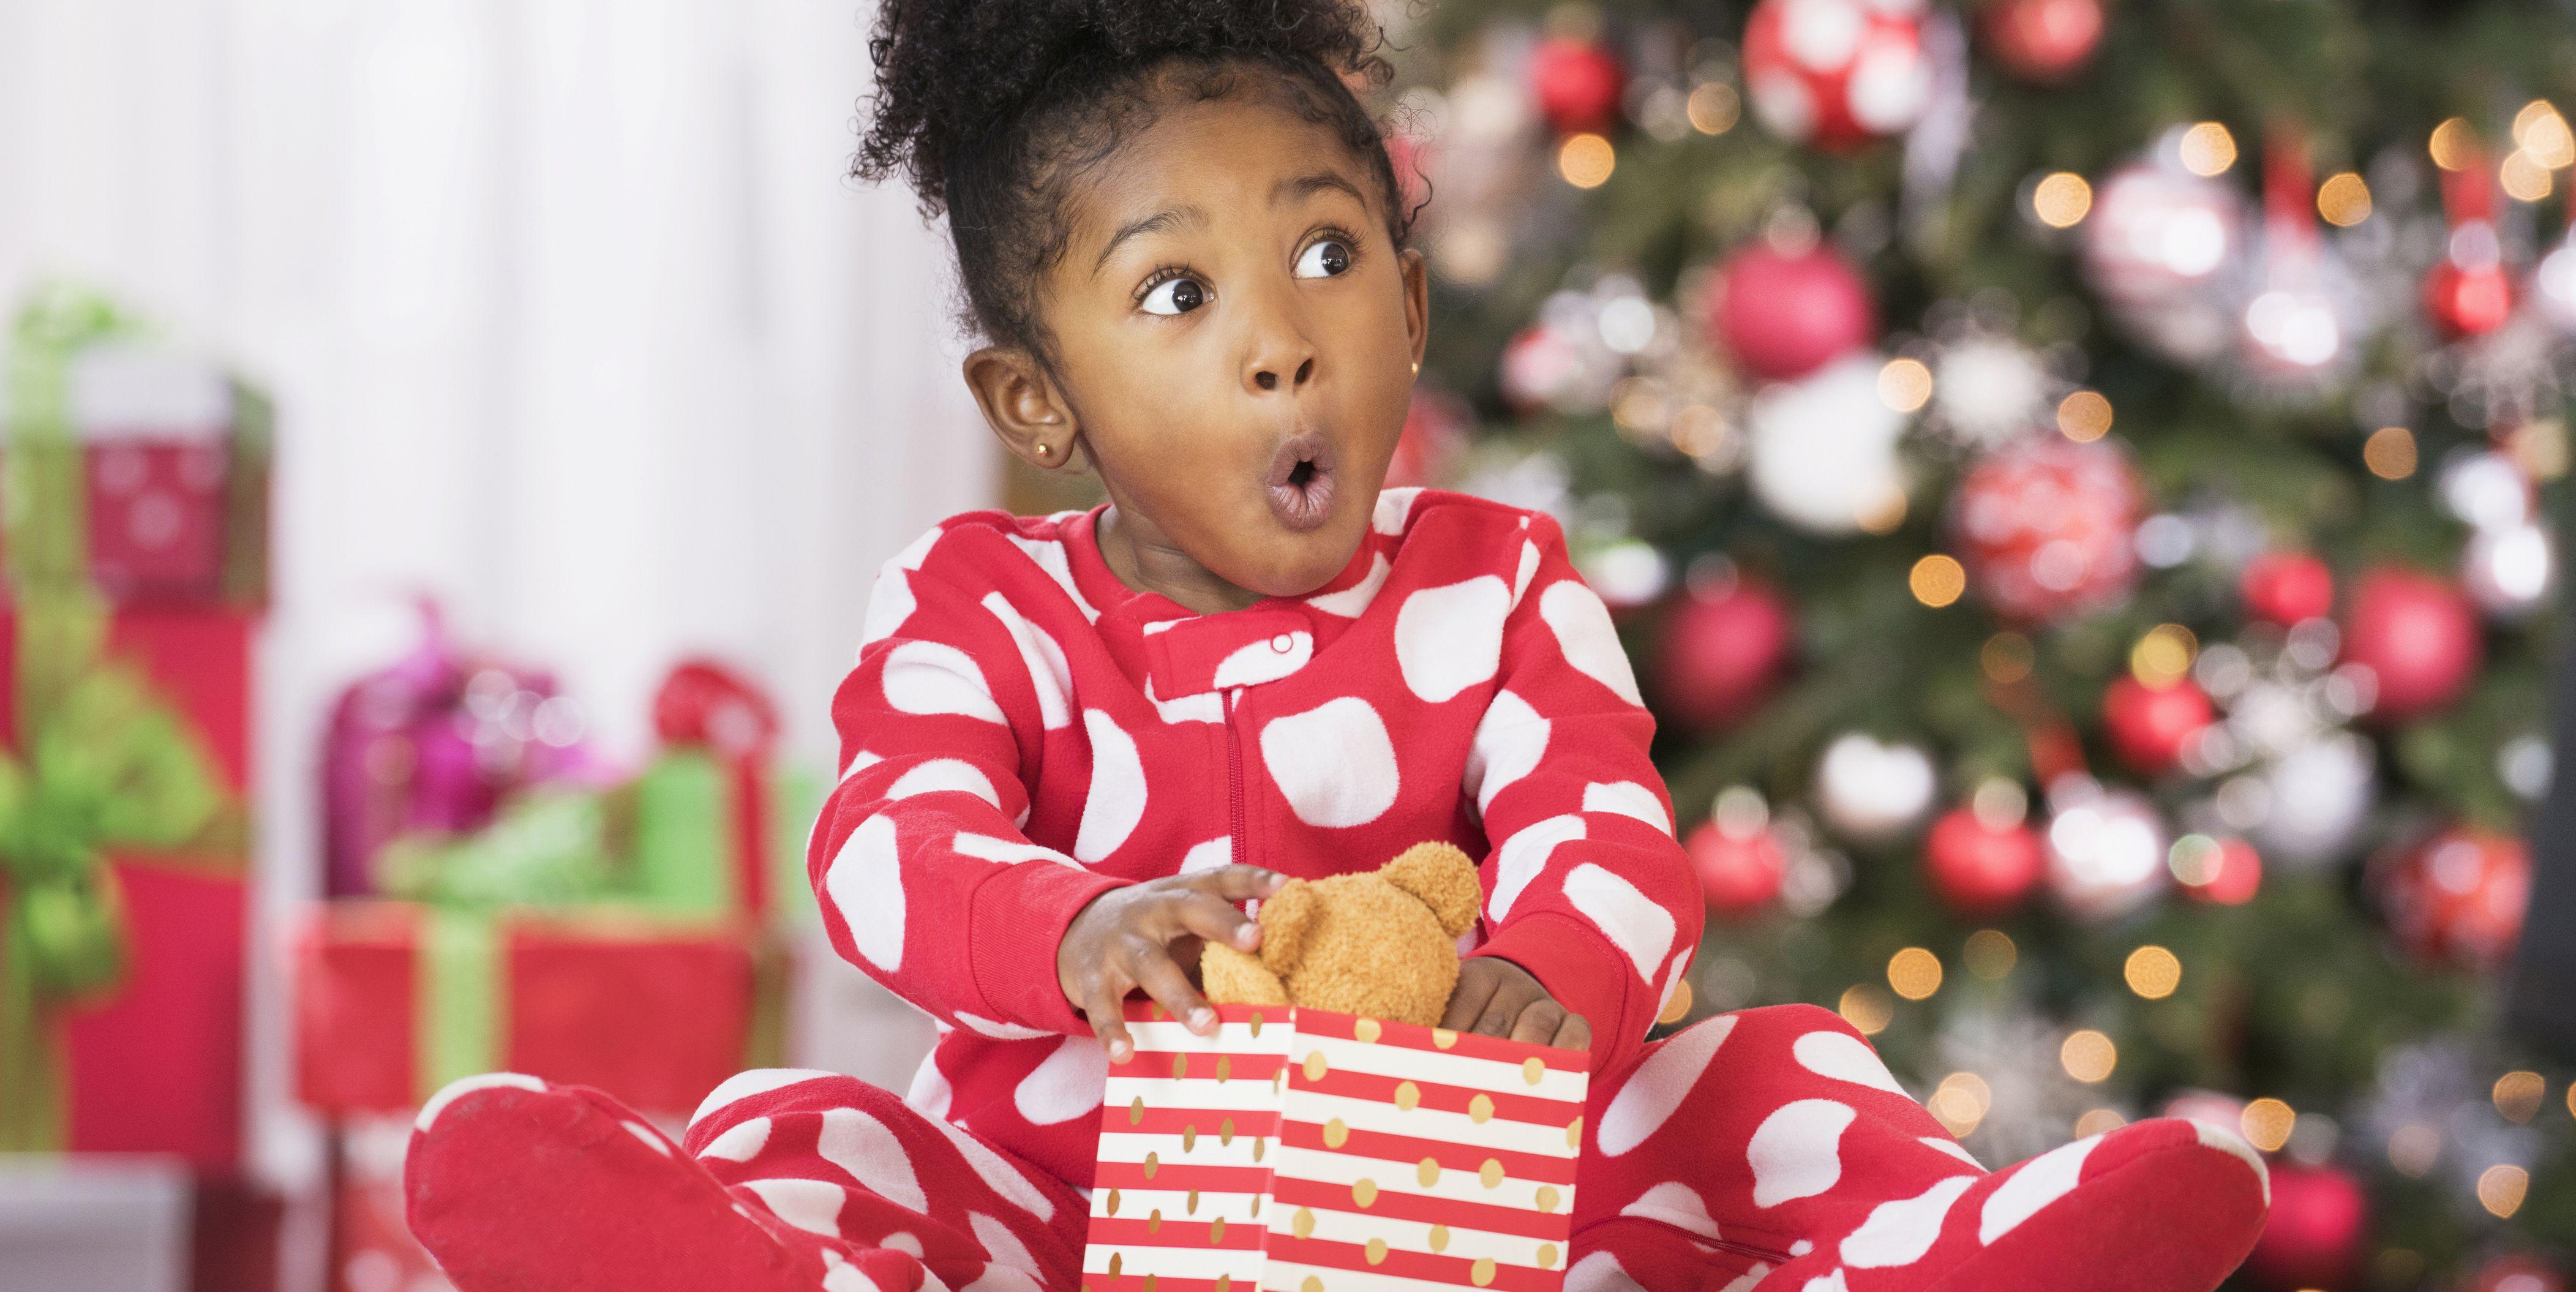 Niña abriendo regalo de Navidad